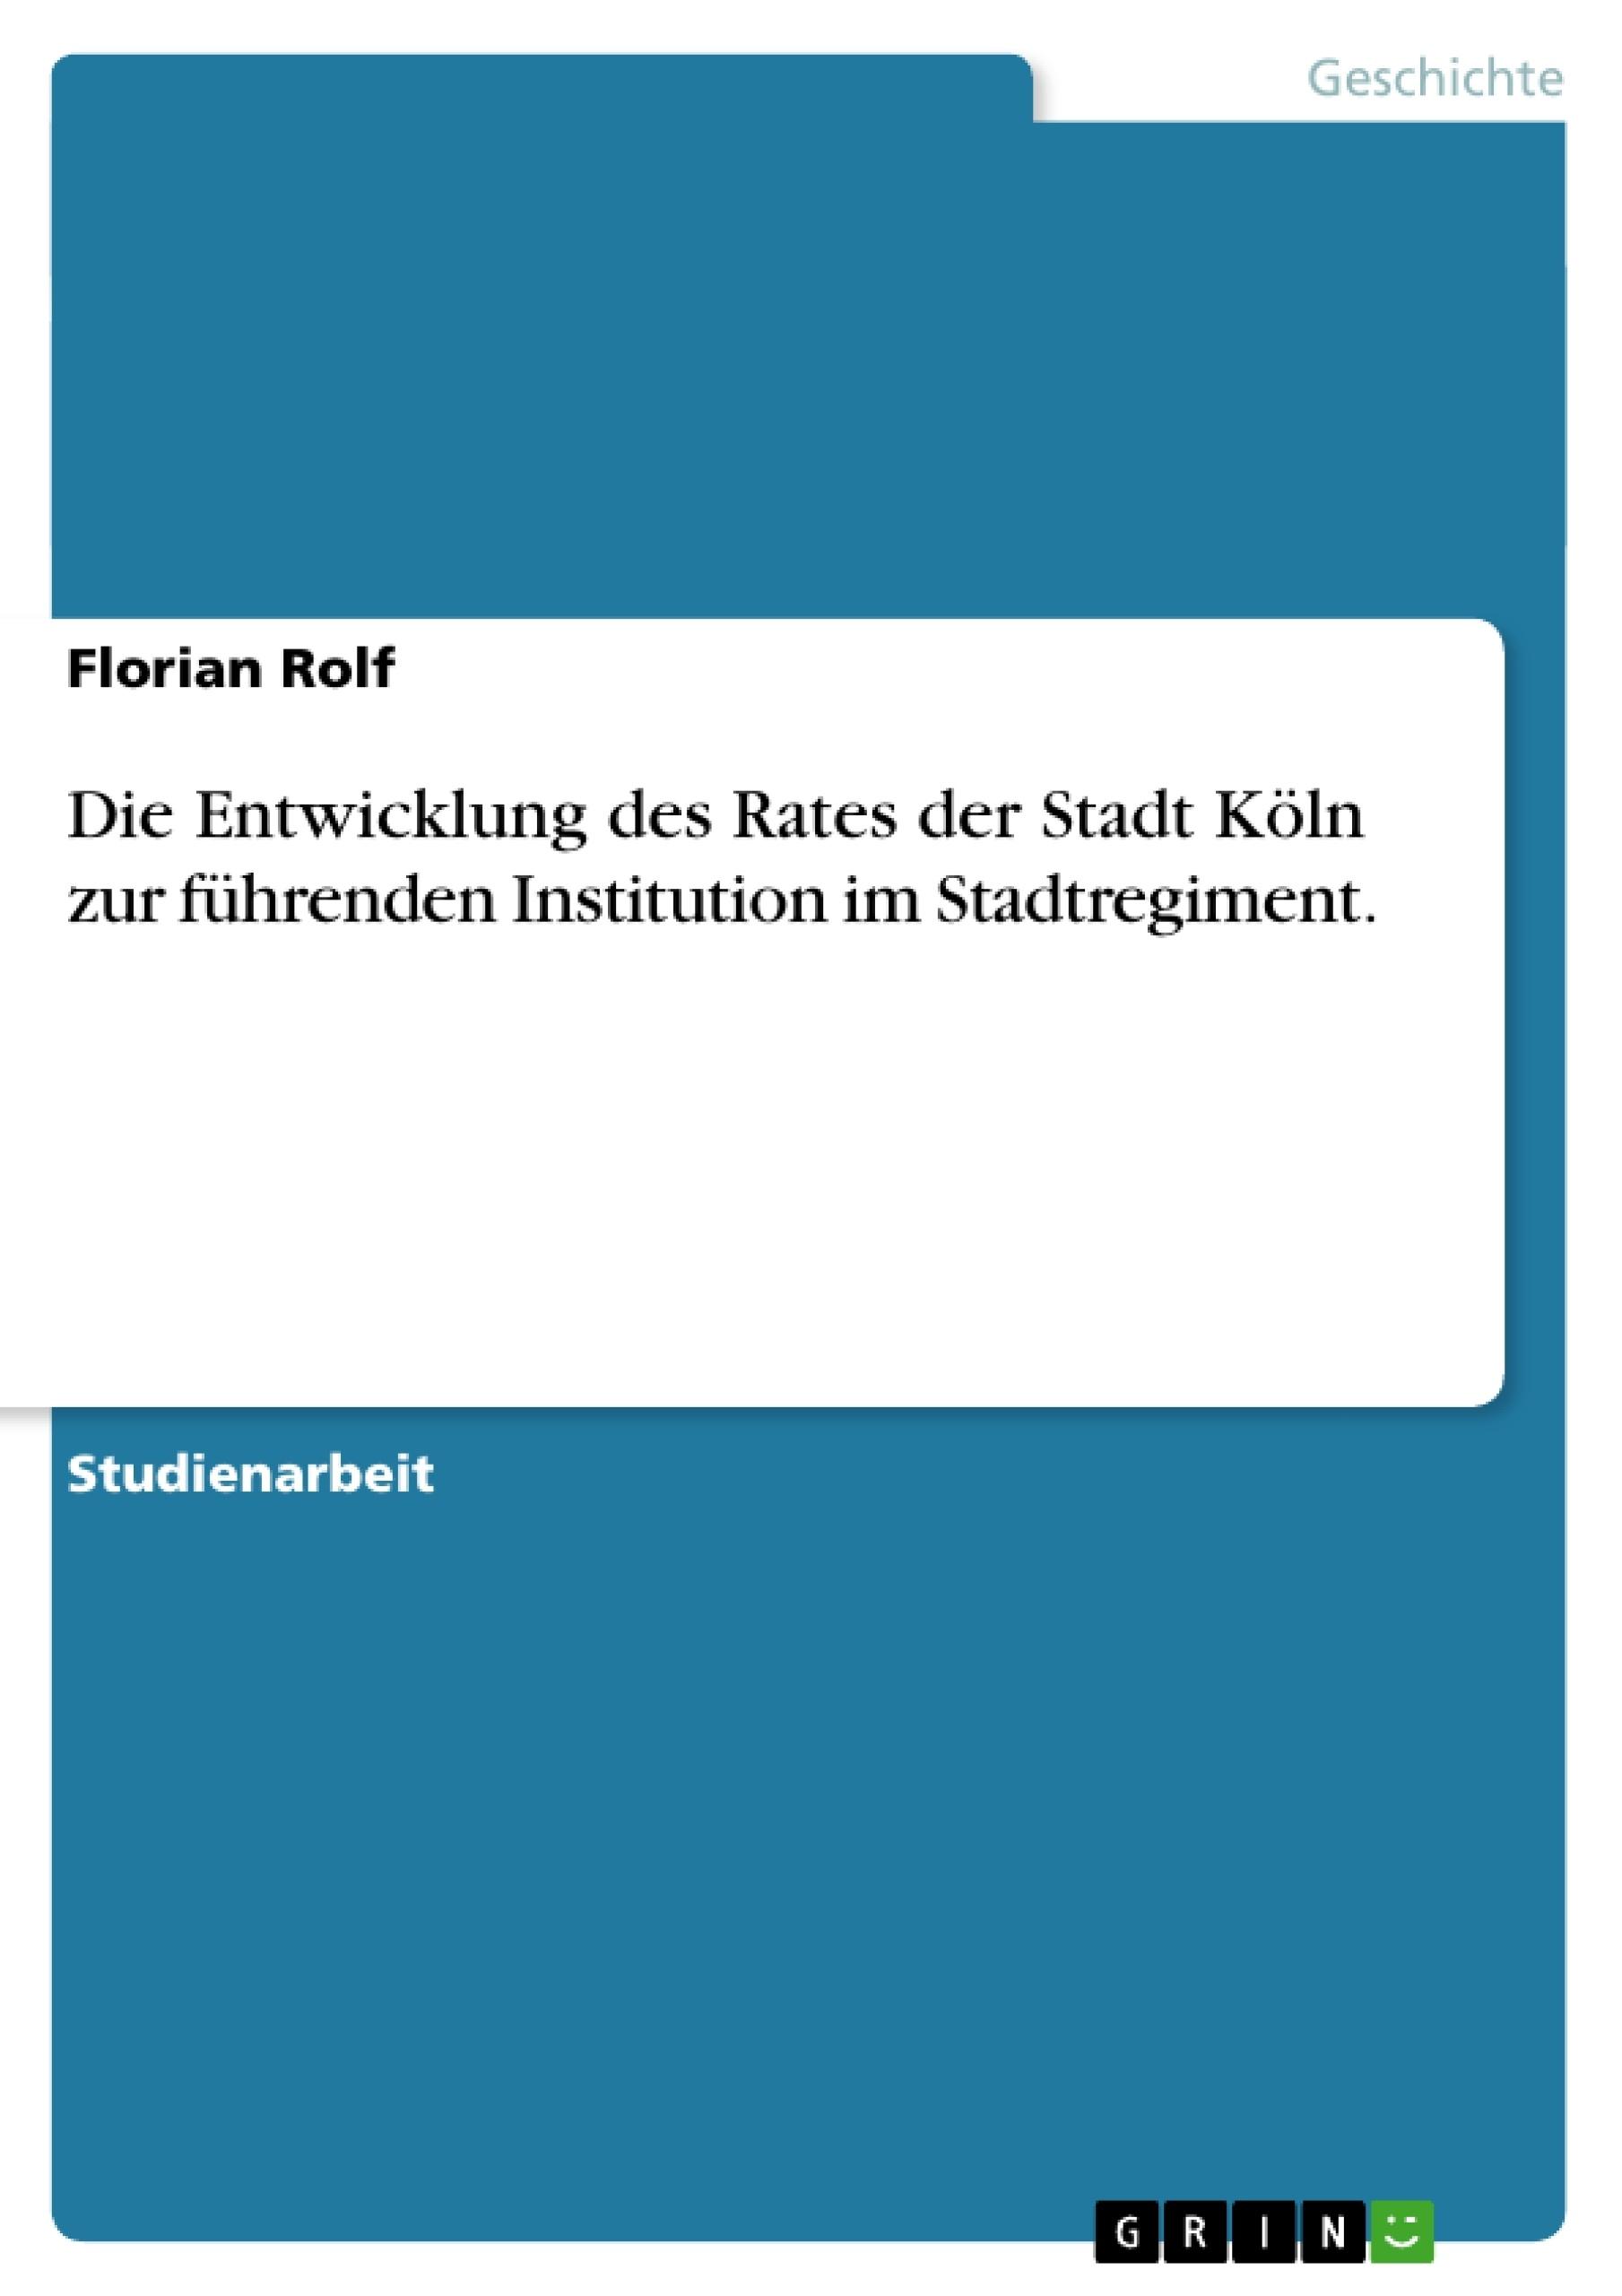 Titel: Die Entwicklung des Rates der Stadt Köln zur führenden Institution im Stadtregiment.